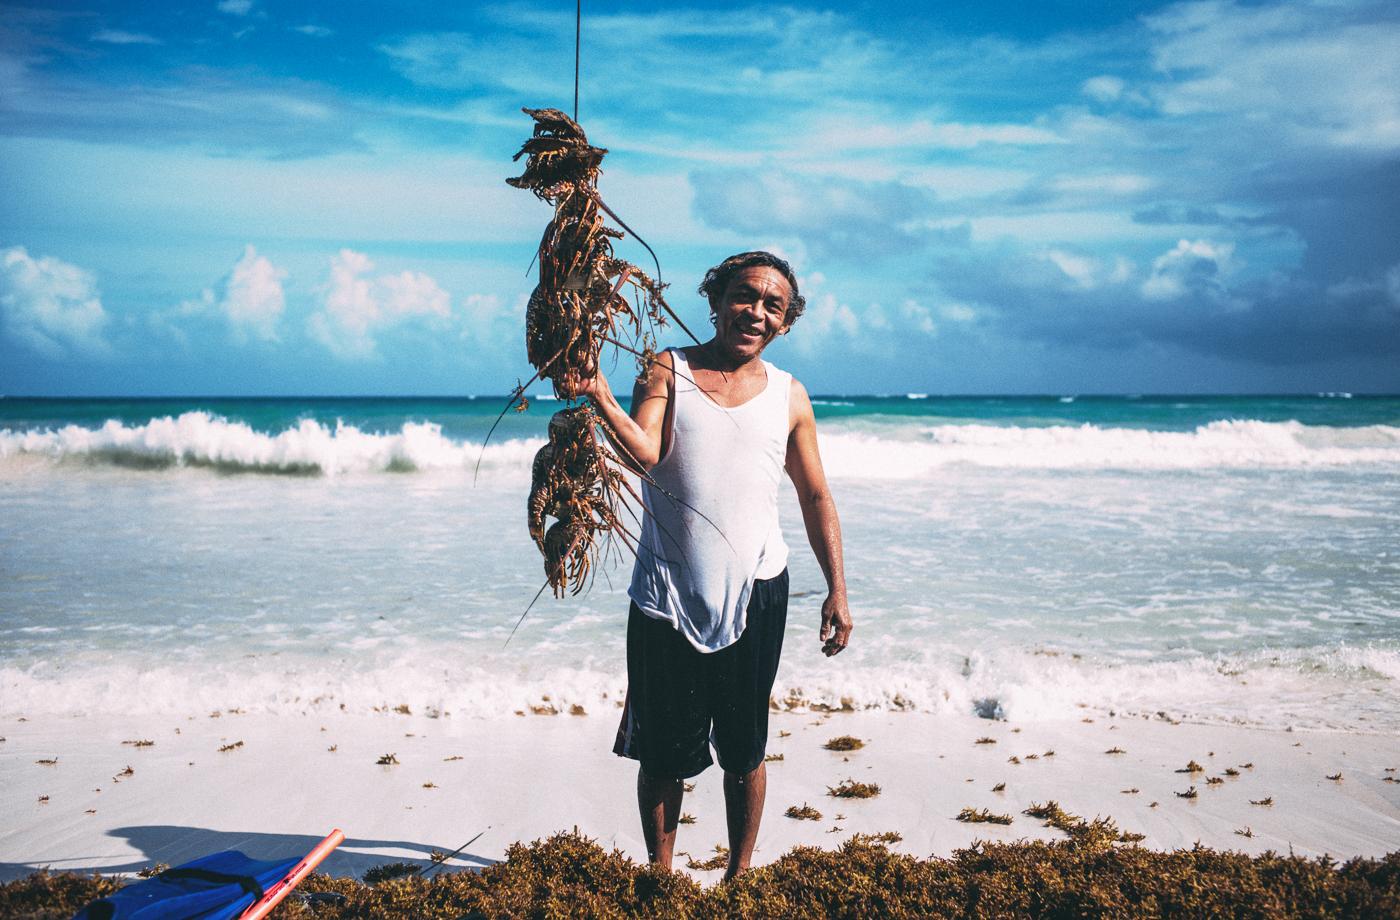 Señor Pescador